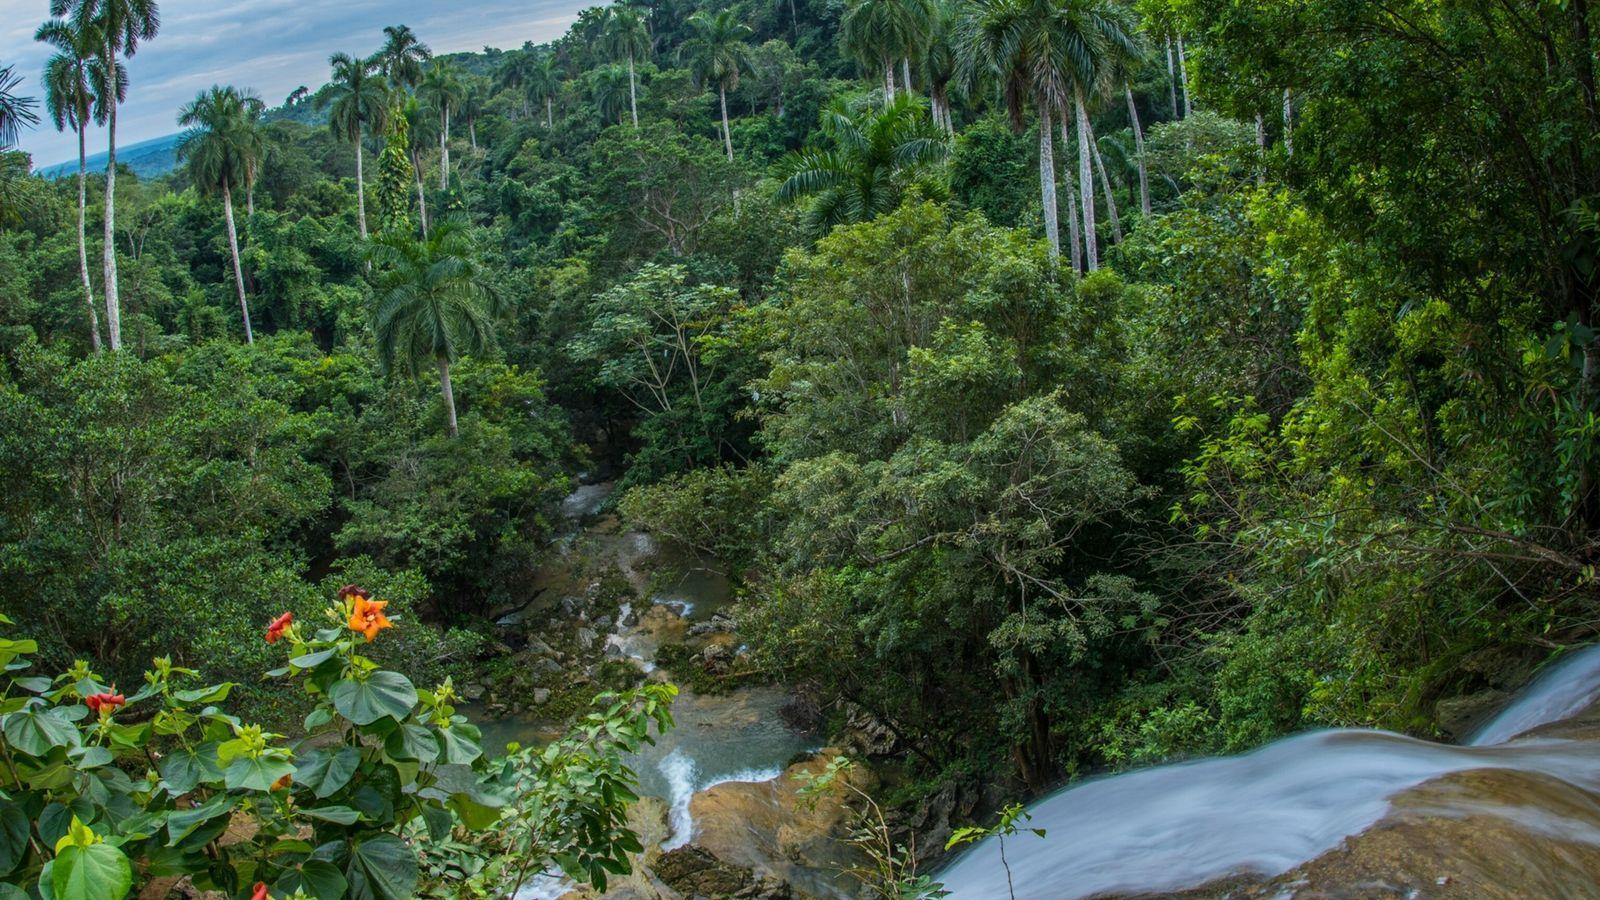 Uma queda de água numa floresta de palmeiras-reais em perigo crítico de extinção em Soroa, Artemisa, ...